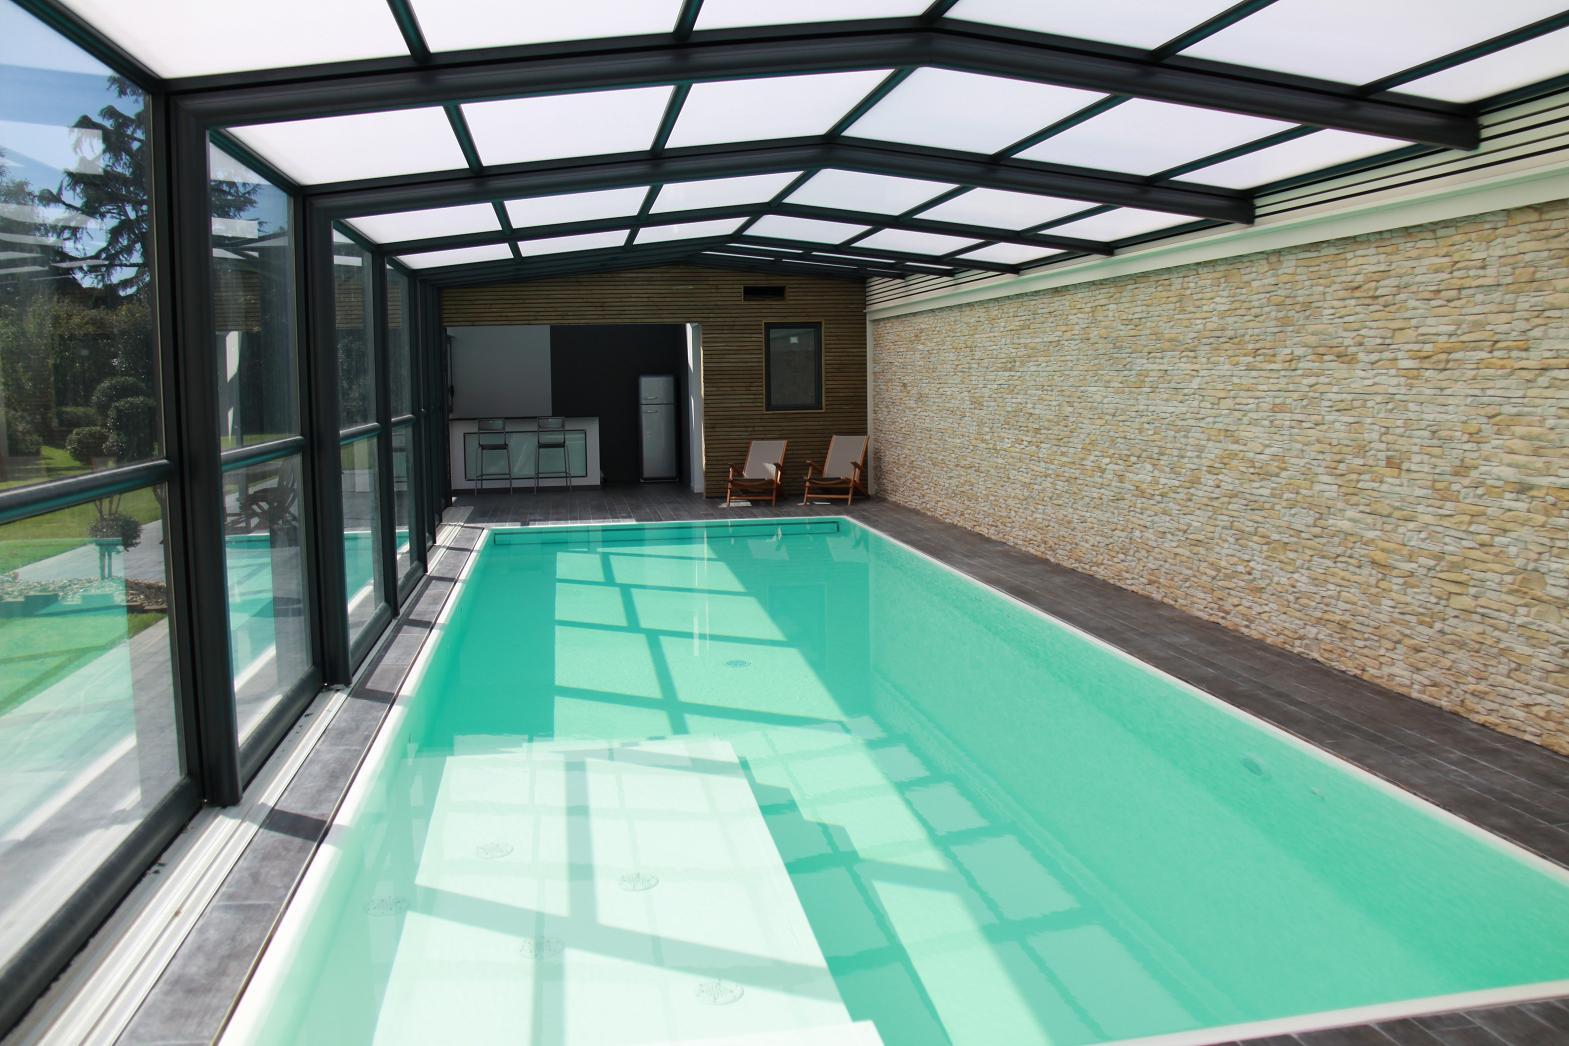 V randa t lescopique piscine fond mobile pour piscine for Verranda piscine